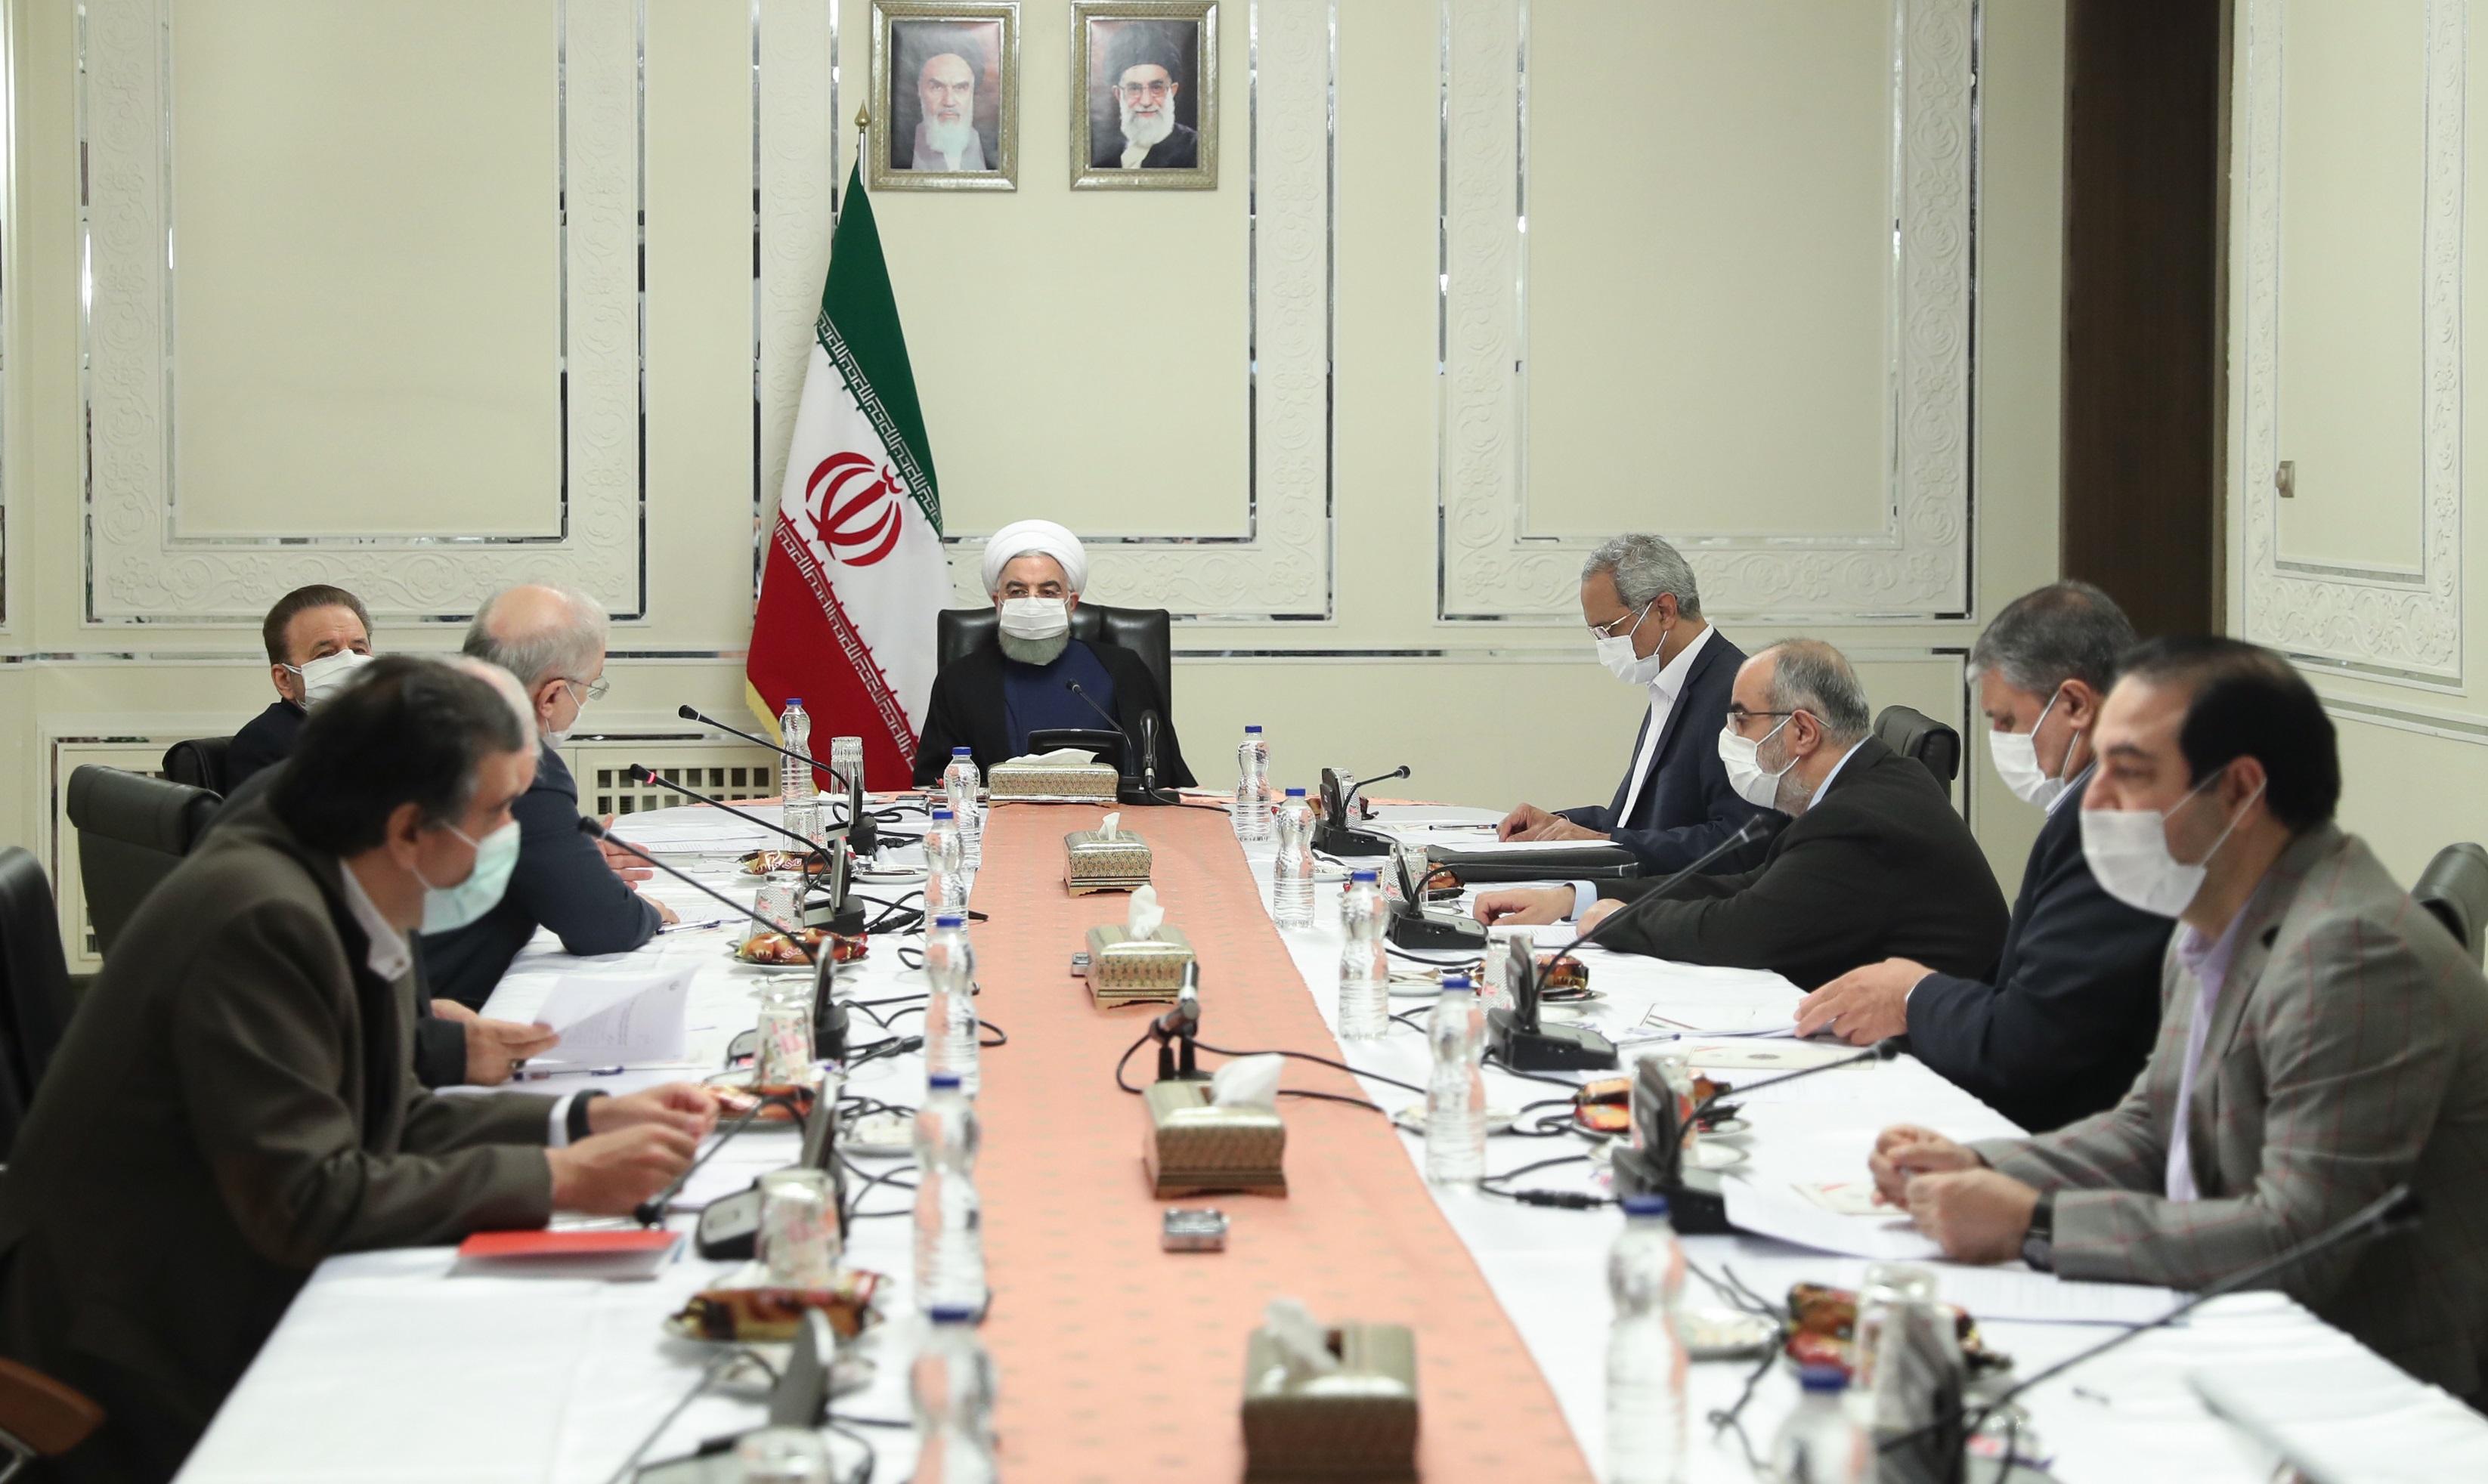 اعمال محدودیتهای شدید در ۴۳ شهر/کاهش ۵۰ درصدی حضور کارکنان دولت در تهران تا پایان آبان